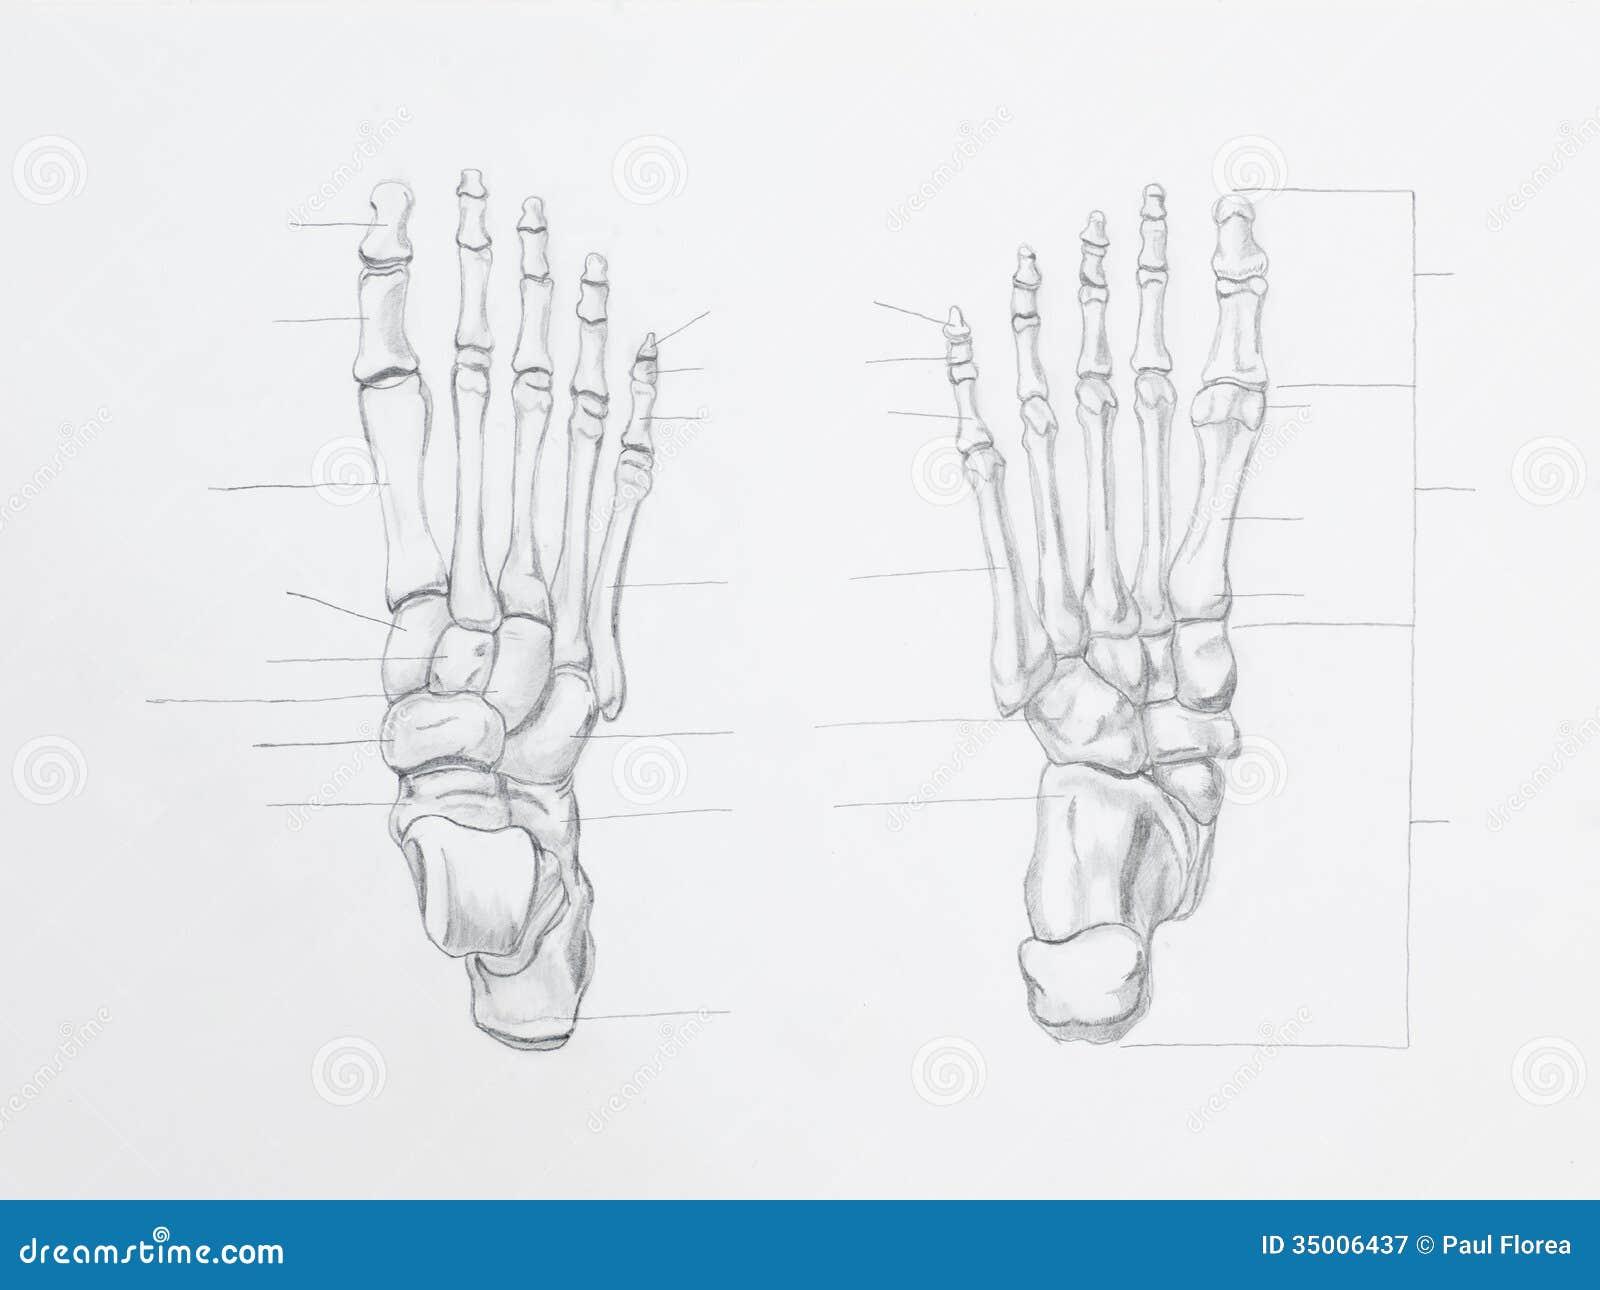 Disegno a matita delle ossa di piede immagine stock for Piede quadrato di 20x20